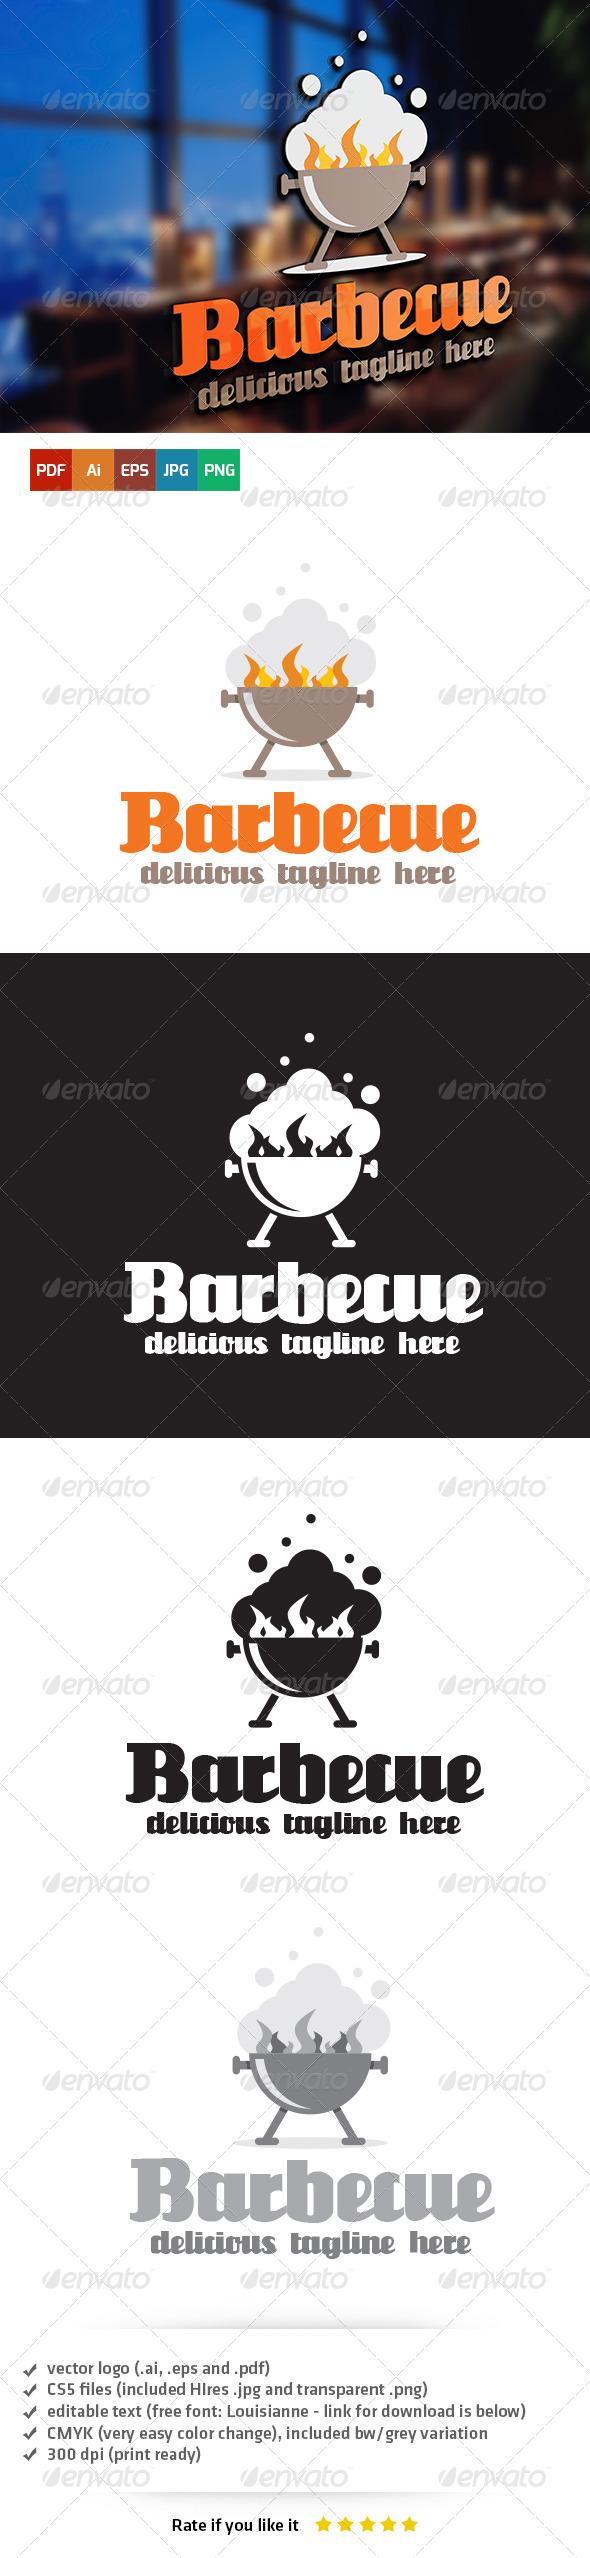 GraphicRiver Barbecue Logo Template 6460037